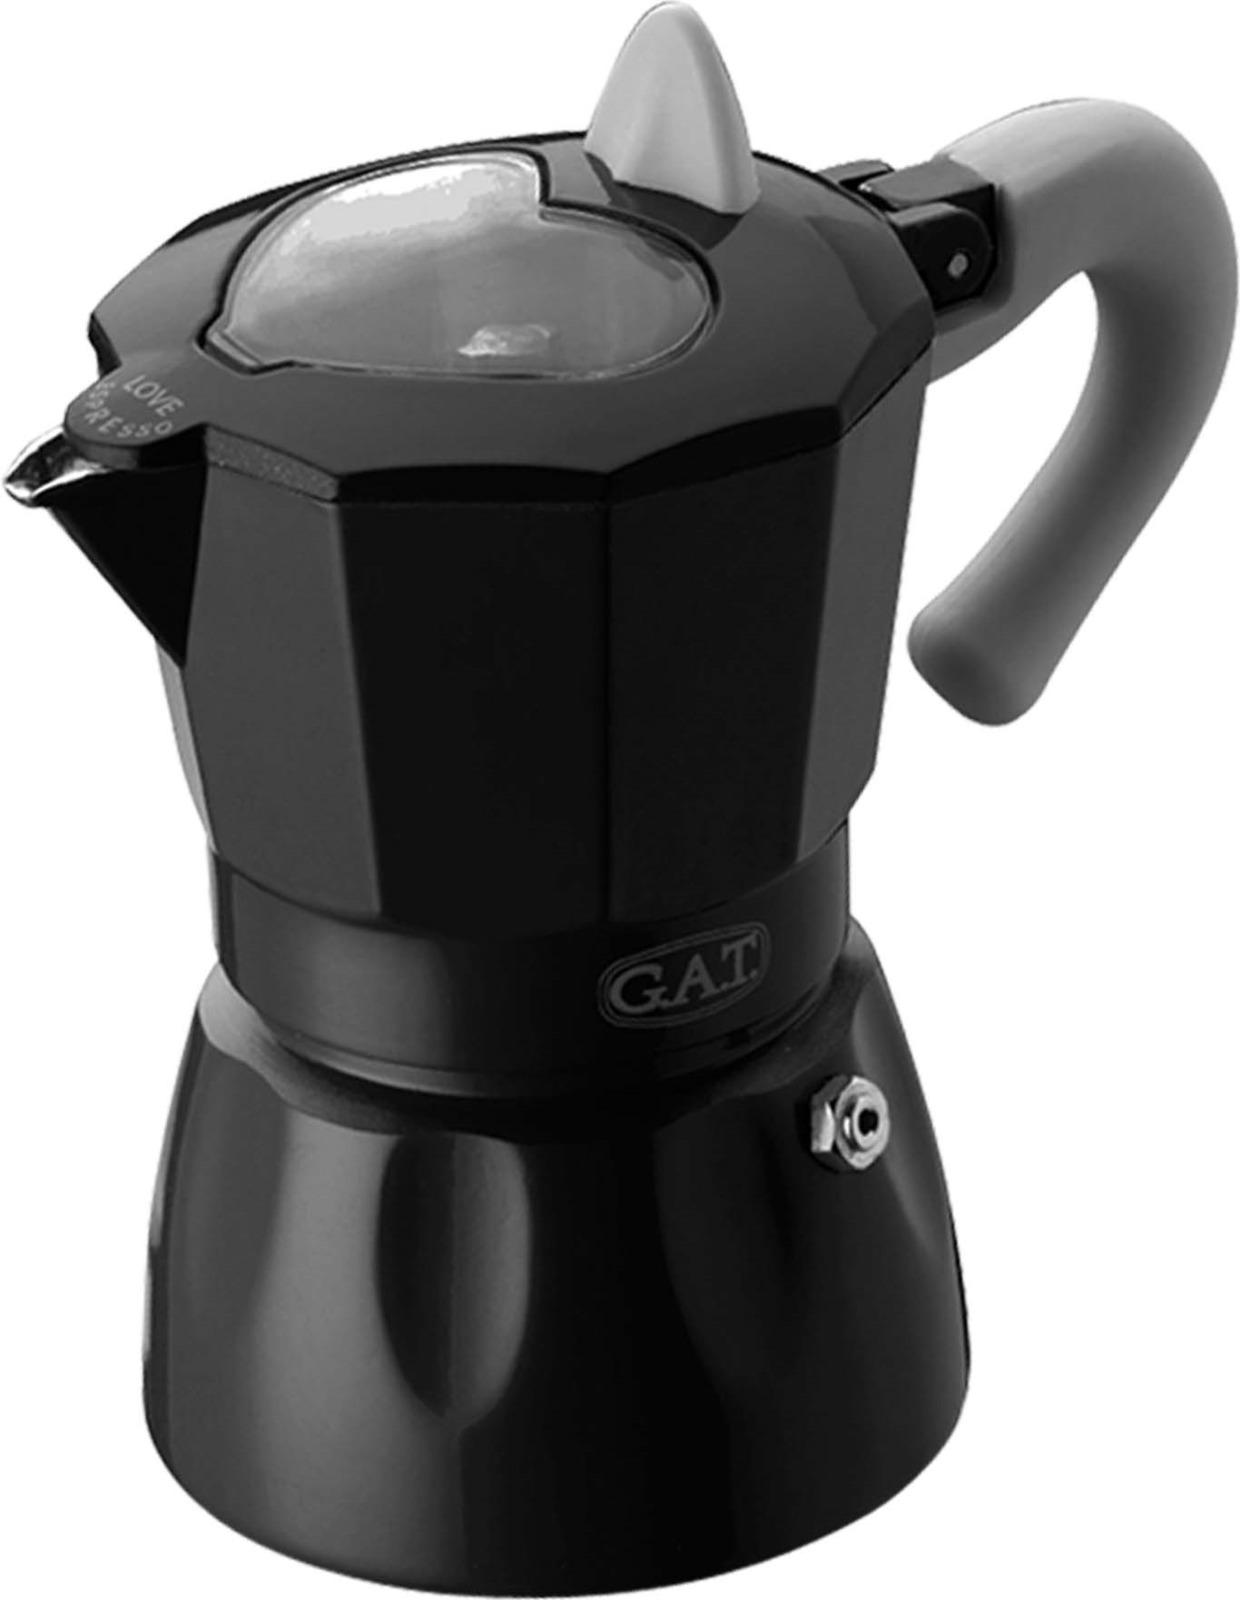 Кофеварка гейзерная G.A.T. 103103 ROSSANA. Гейзерная кофеварка - это отличная возможность побаловать себя чашечкой великолепного ароматного кофе. Кофеварка рассчитана на 3 чашки. За считанные минуты прибор приготовит ваш любимый напиток и моментально наполнит кухню изумительным ароматом. Прочная алюминиевая основа придает кофеварке легкость и надежность, а стильный дизайн добавит кухонному интерьеру элегантности и особого шарма. Основные отличительные особенности кофеварок Rossana: удобный носик для наливания кофе; стильный ремень, соединяющий верхнюю и нижнюю части кофеварки; специальное внутреннее покрытие, обеспечивающее легкую очистку и обслуживание; прозрачное окошко в форме сердца на крышке, позволяющее наблюдать за процессом приготовления; ручка из термостойкого пластика.